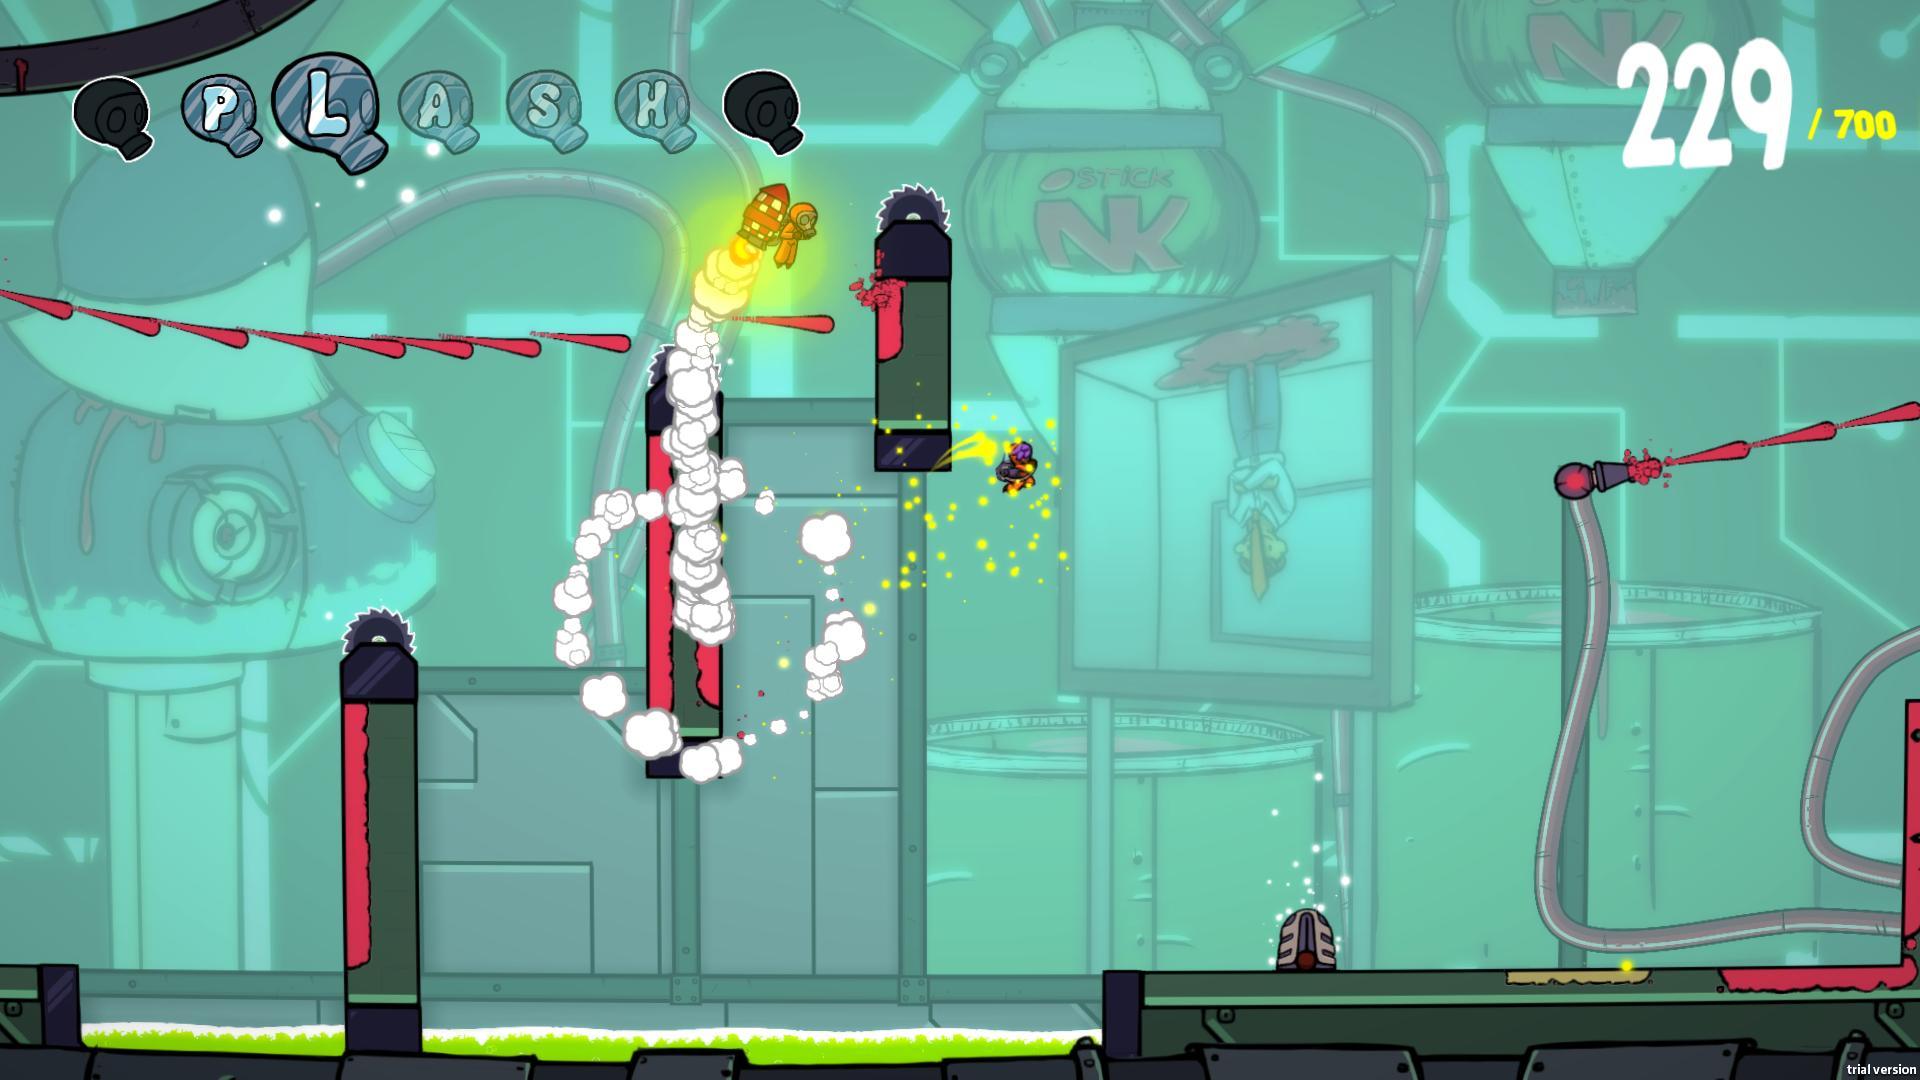 Splasher Screenshot 1